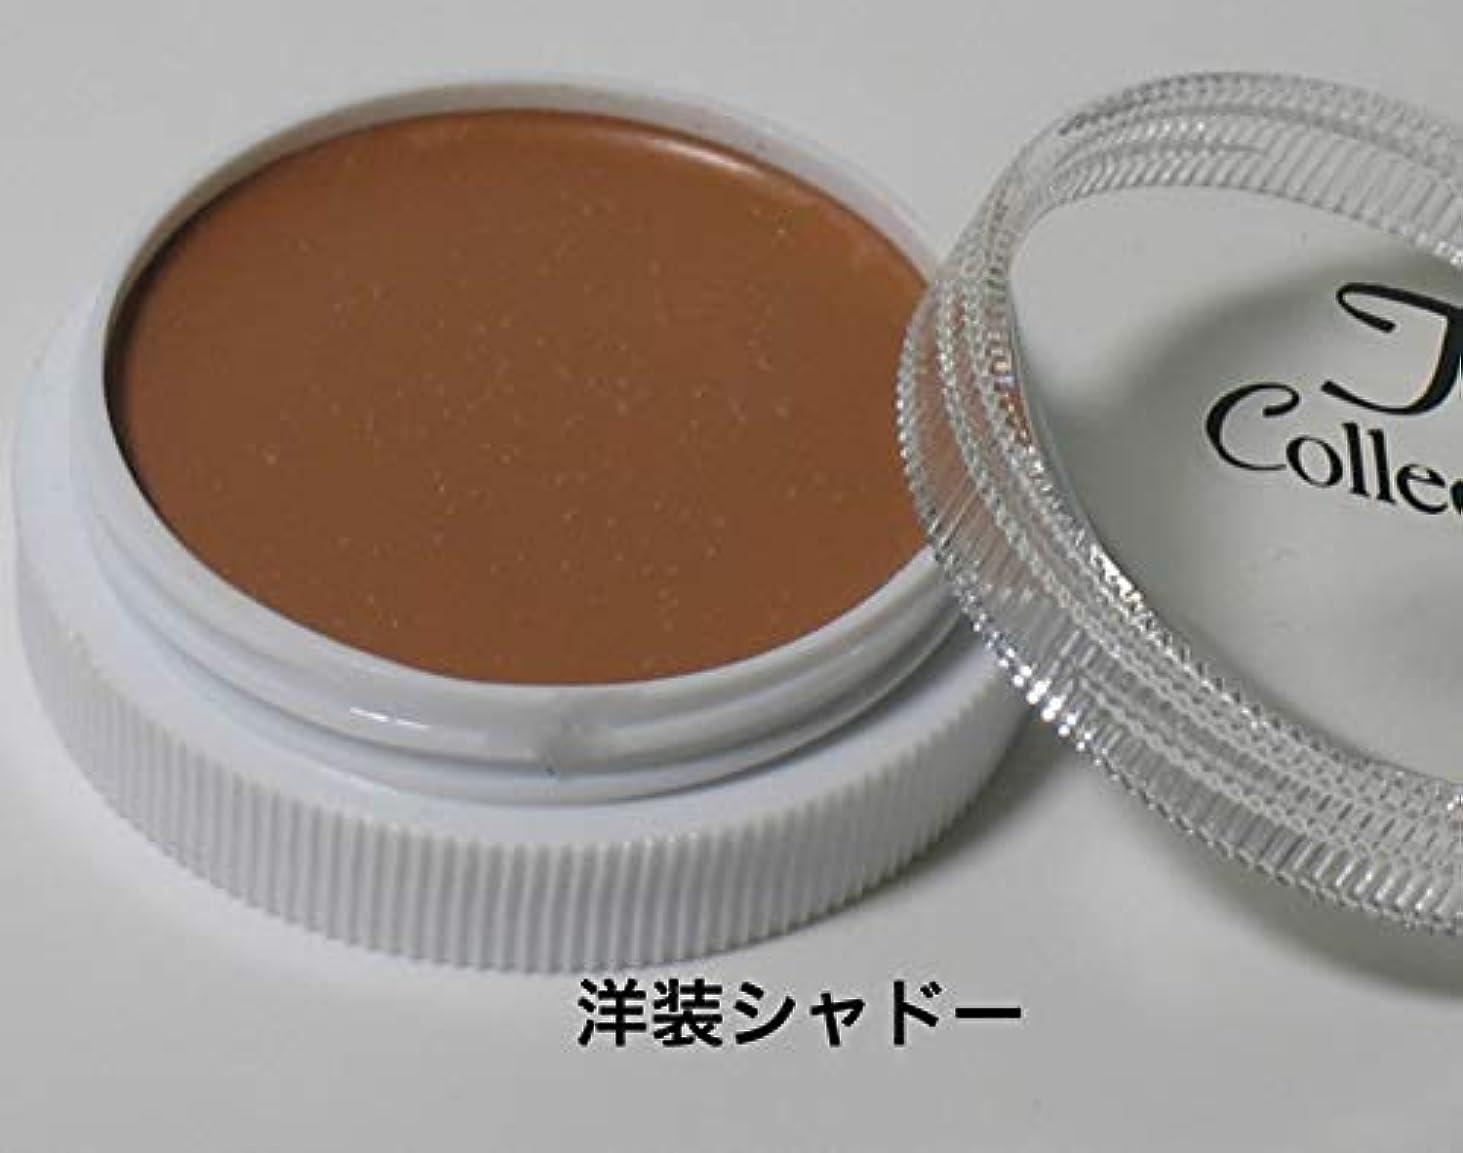 コンテンポラリーズボン消去tei-collection(テイコレクション) 洋装シャドウ コンシーラー 5g